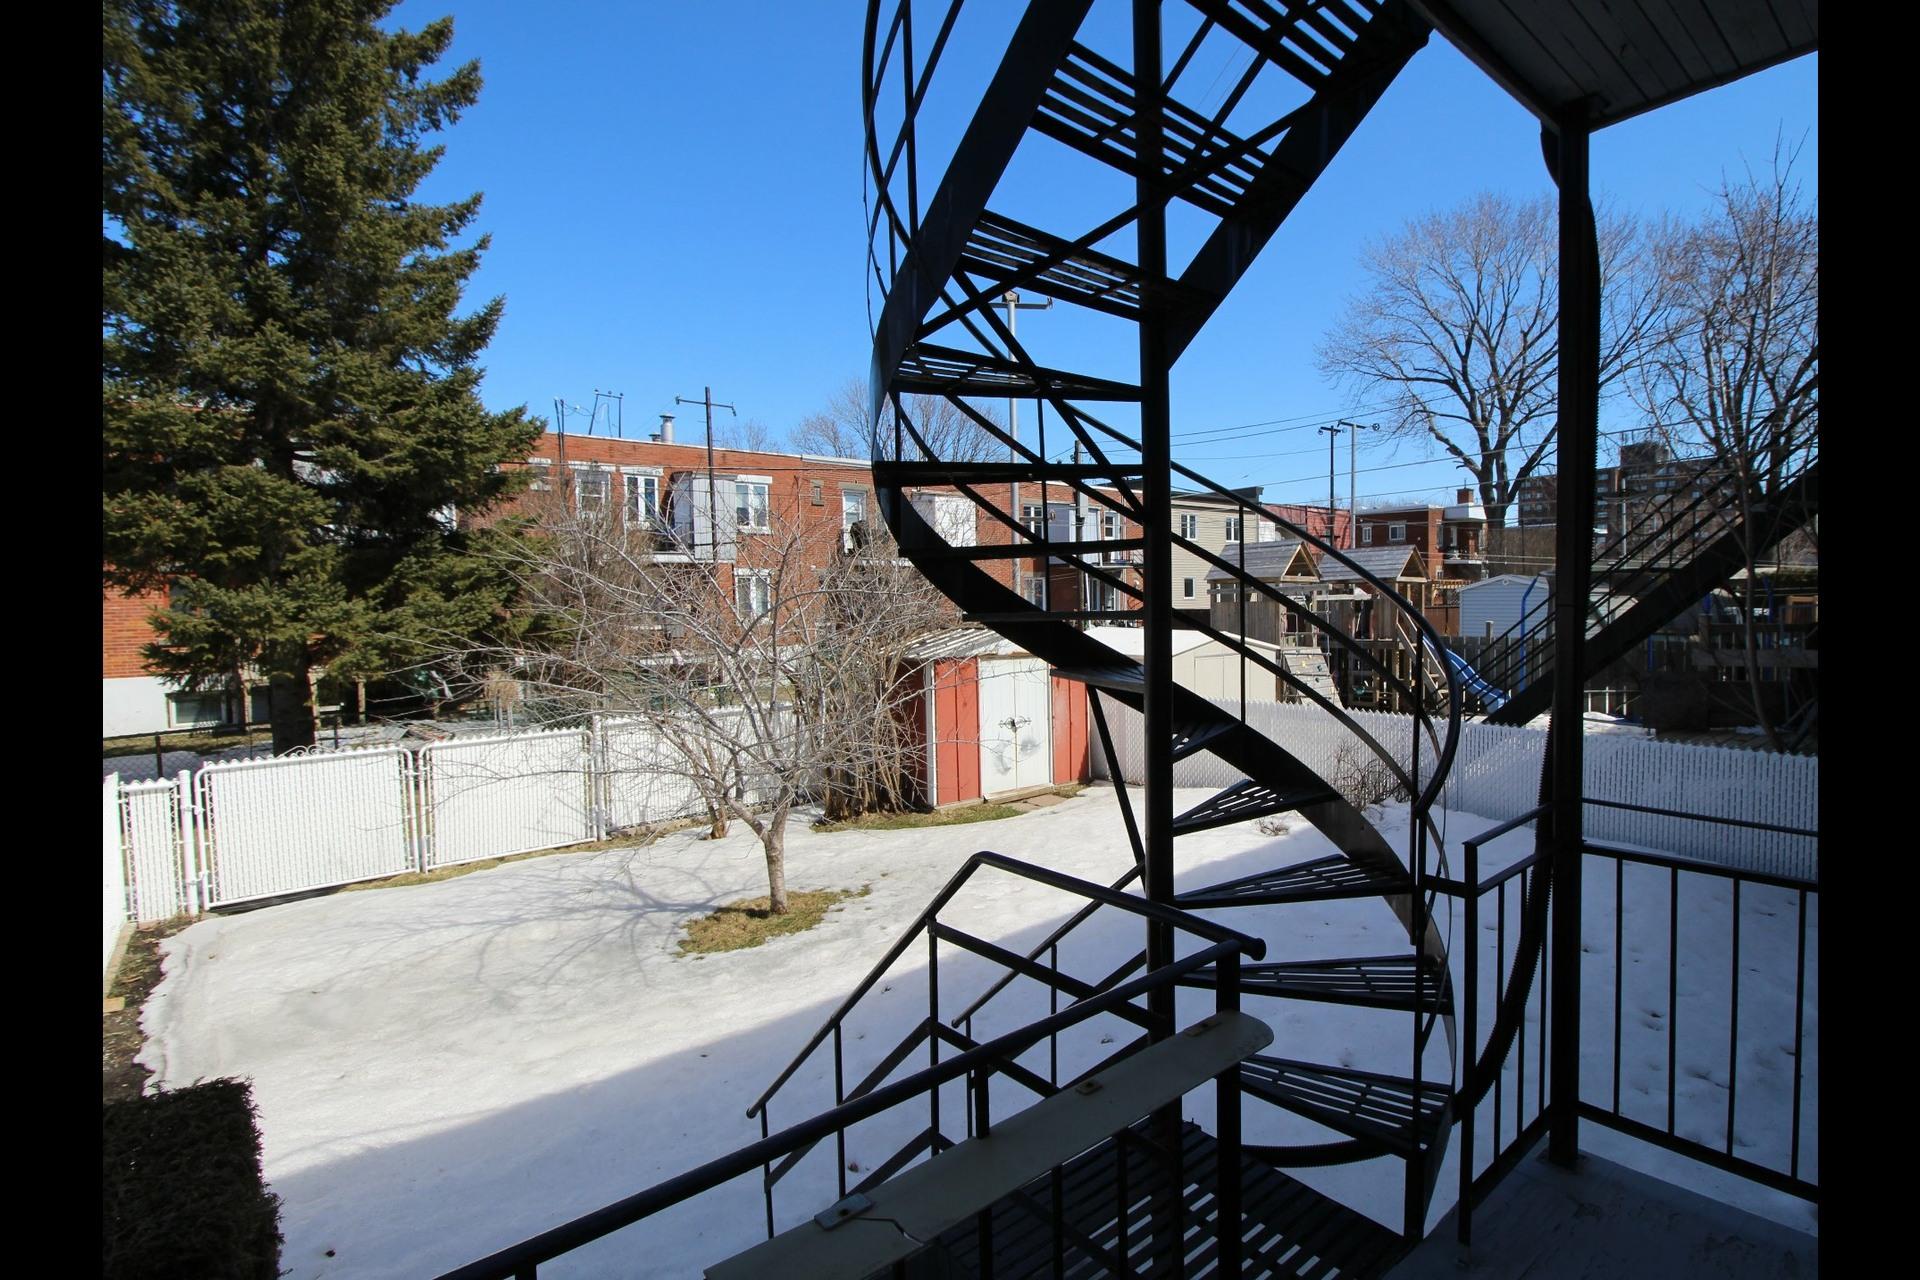 image 23 - Duplex For sale Montréal Rivière-des-Prairies/Pointe-aux-Trembles  - 6 rooms